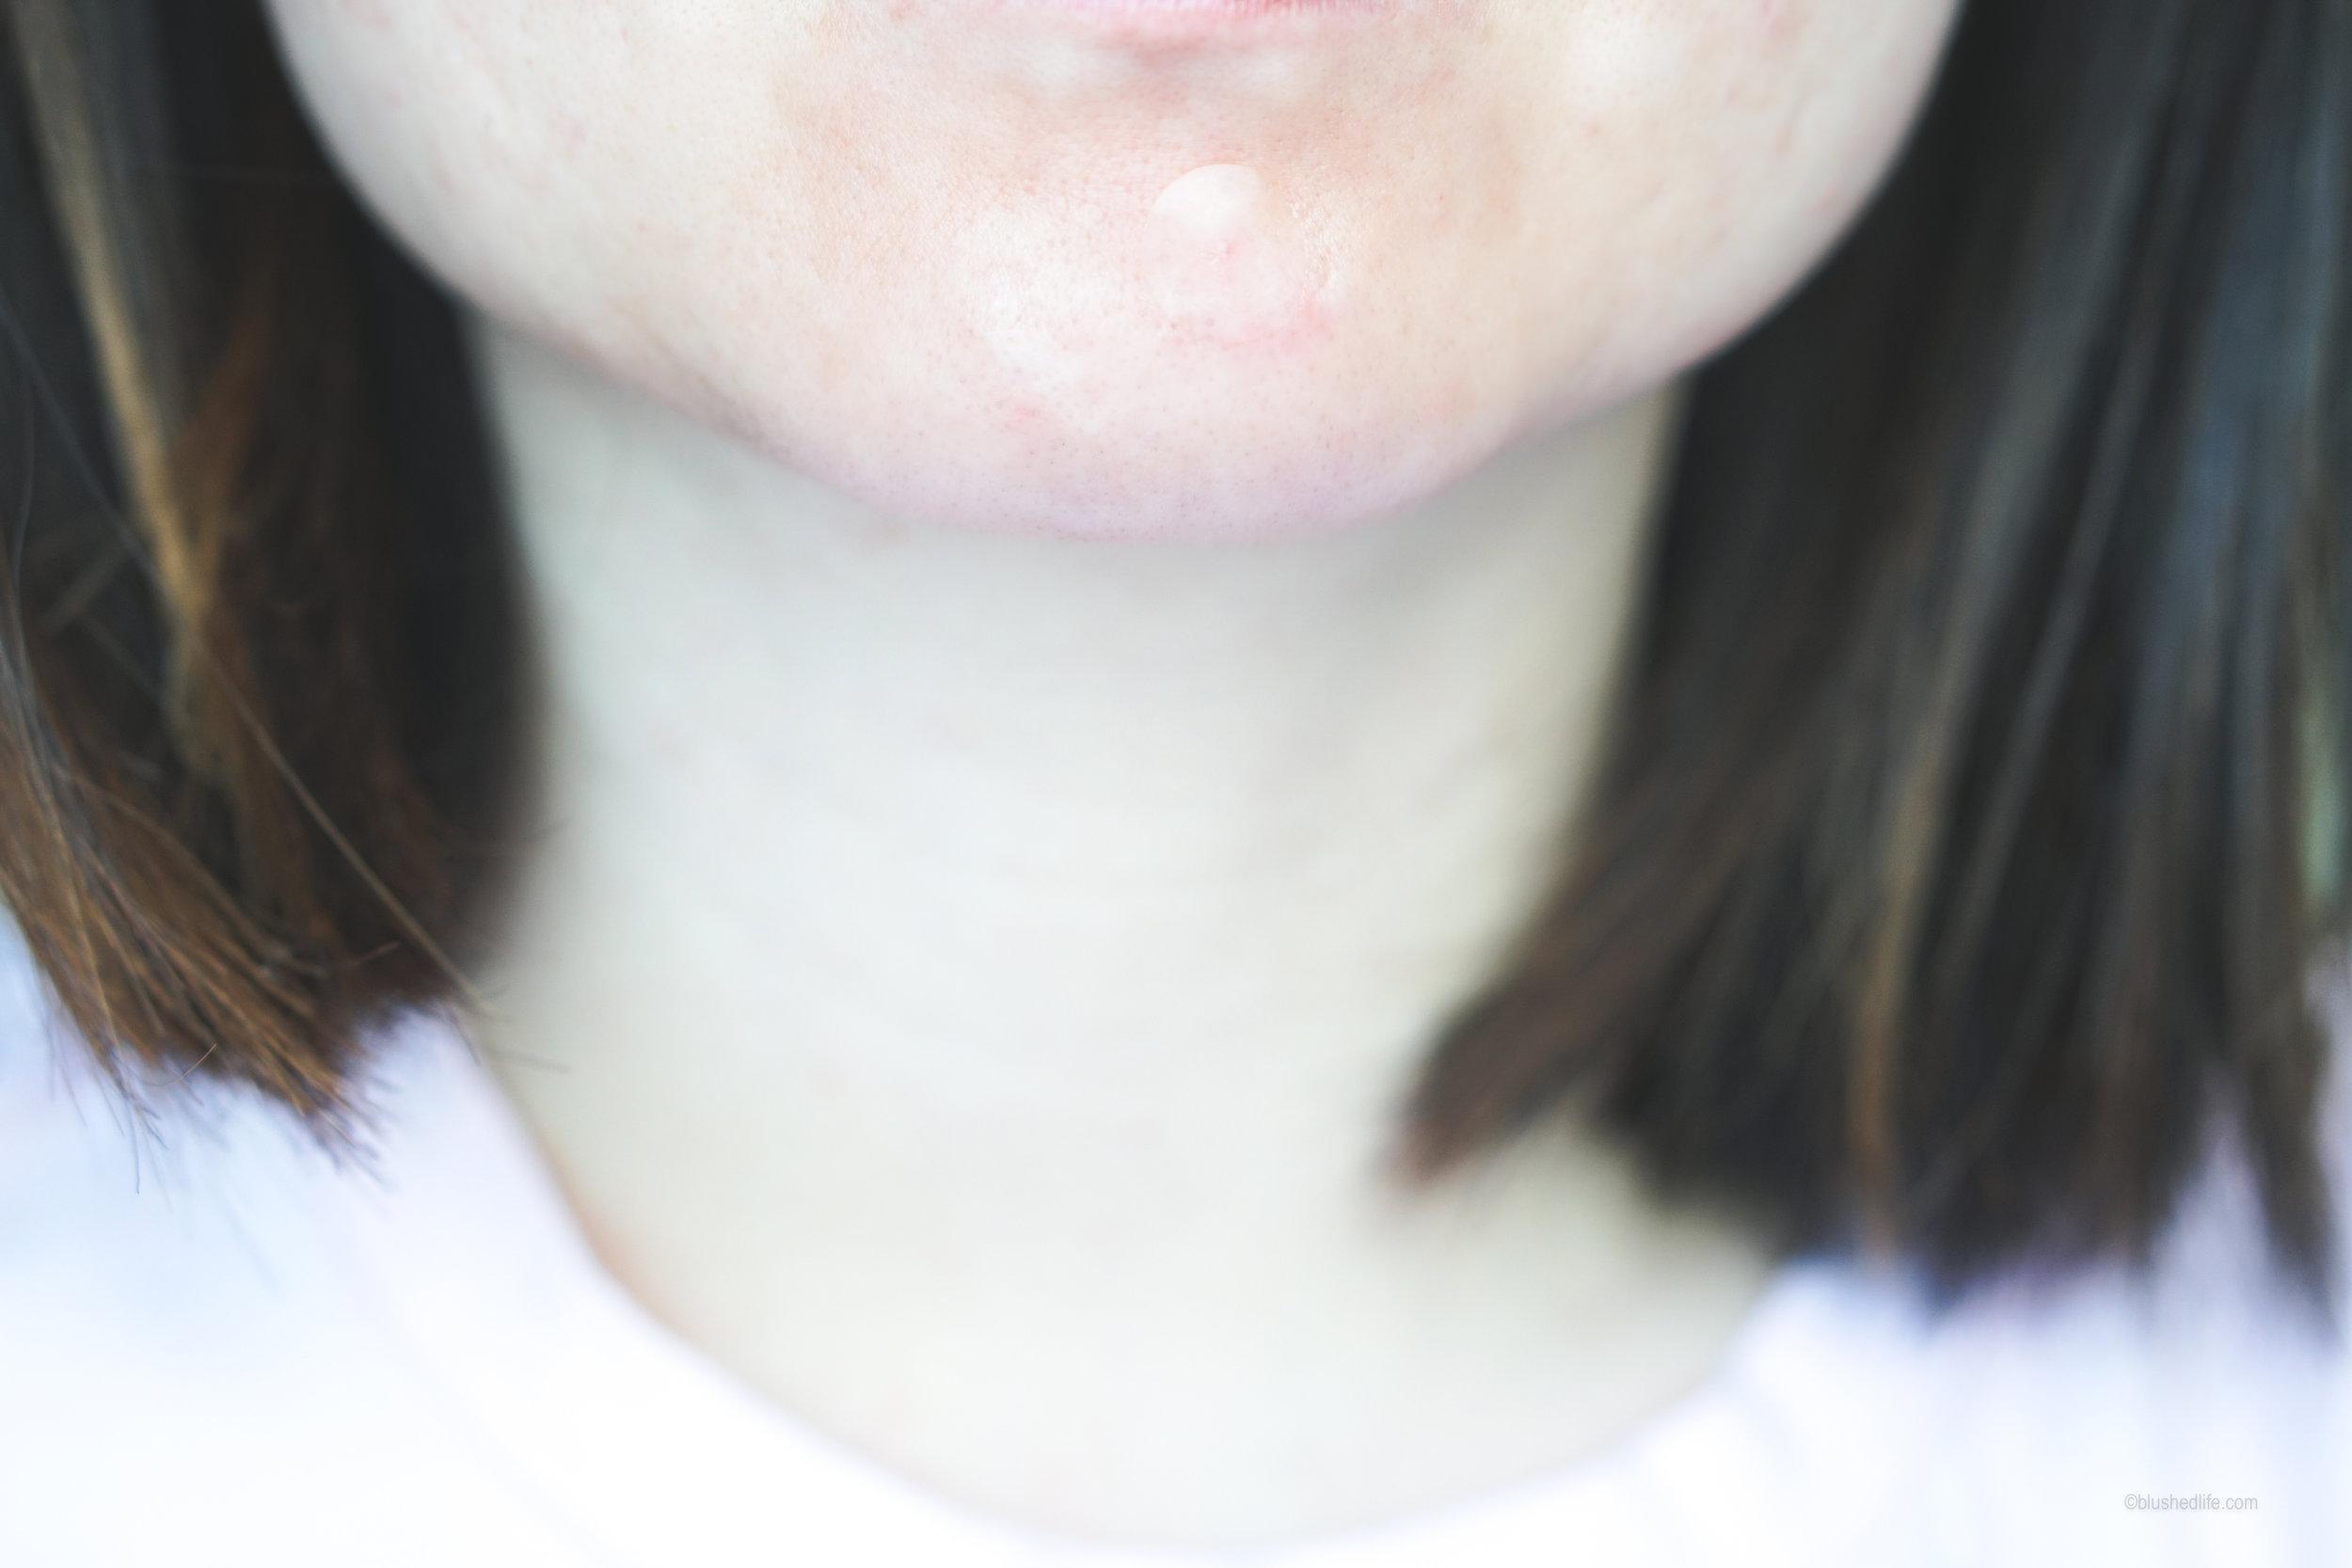 Best Pimple Patches Review Comparison_DSC07280-2.jpg